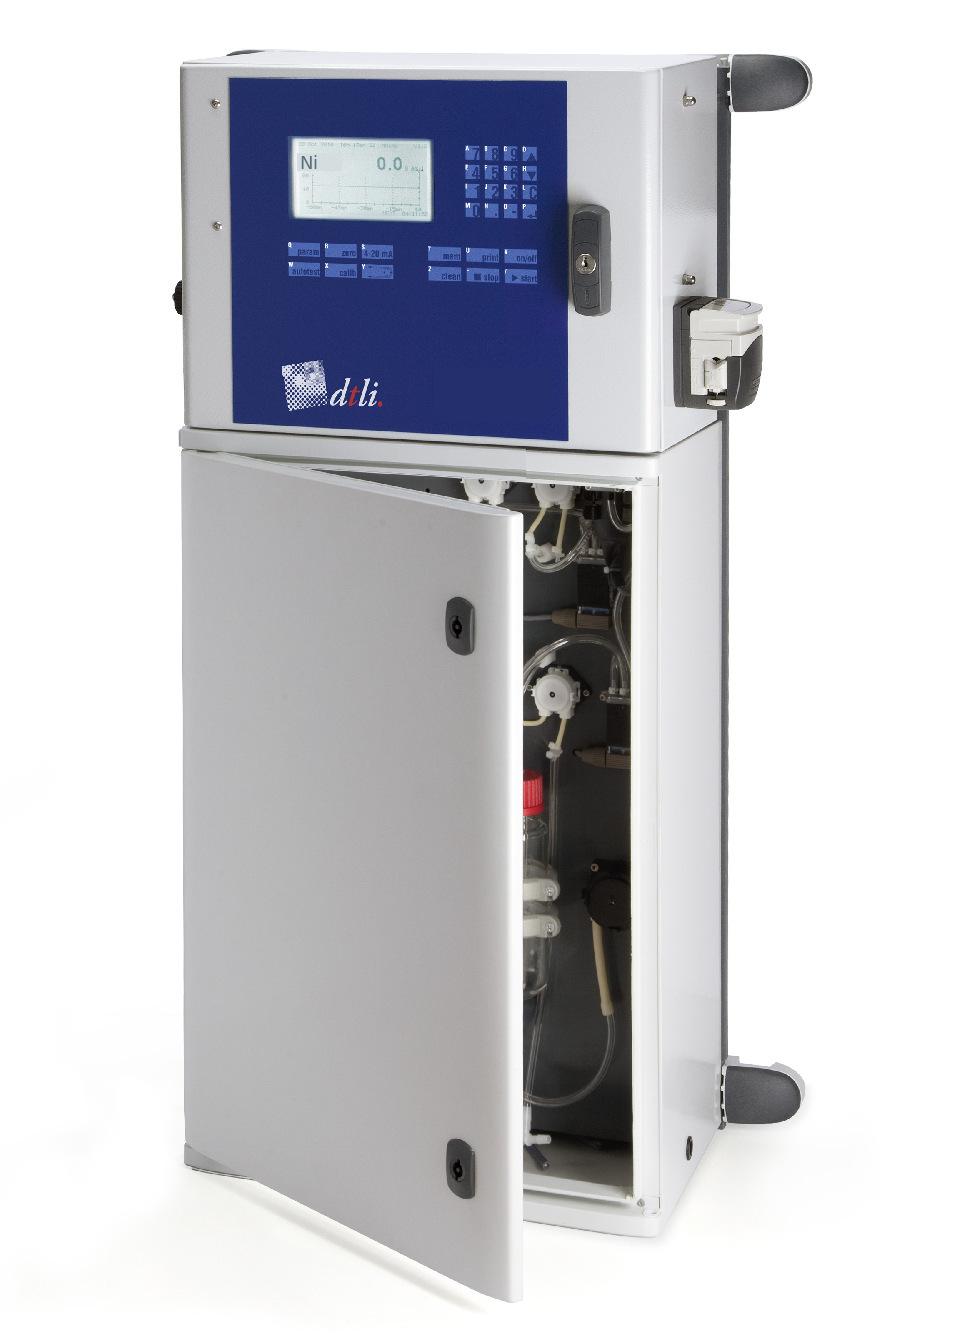 Nickel analyzer PCA200-Ni